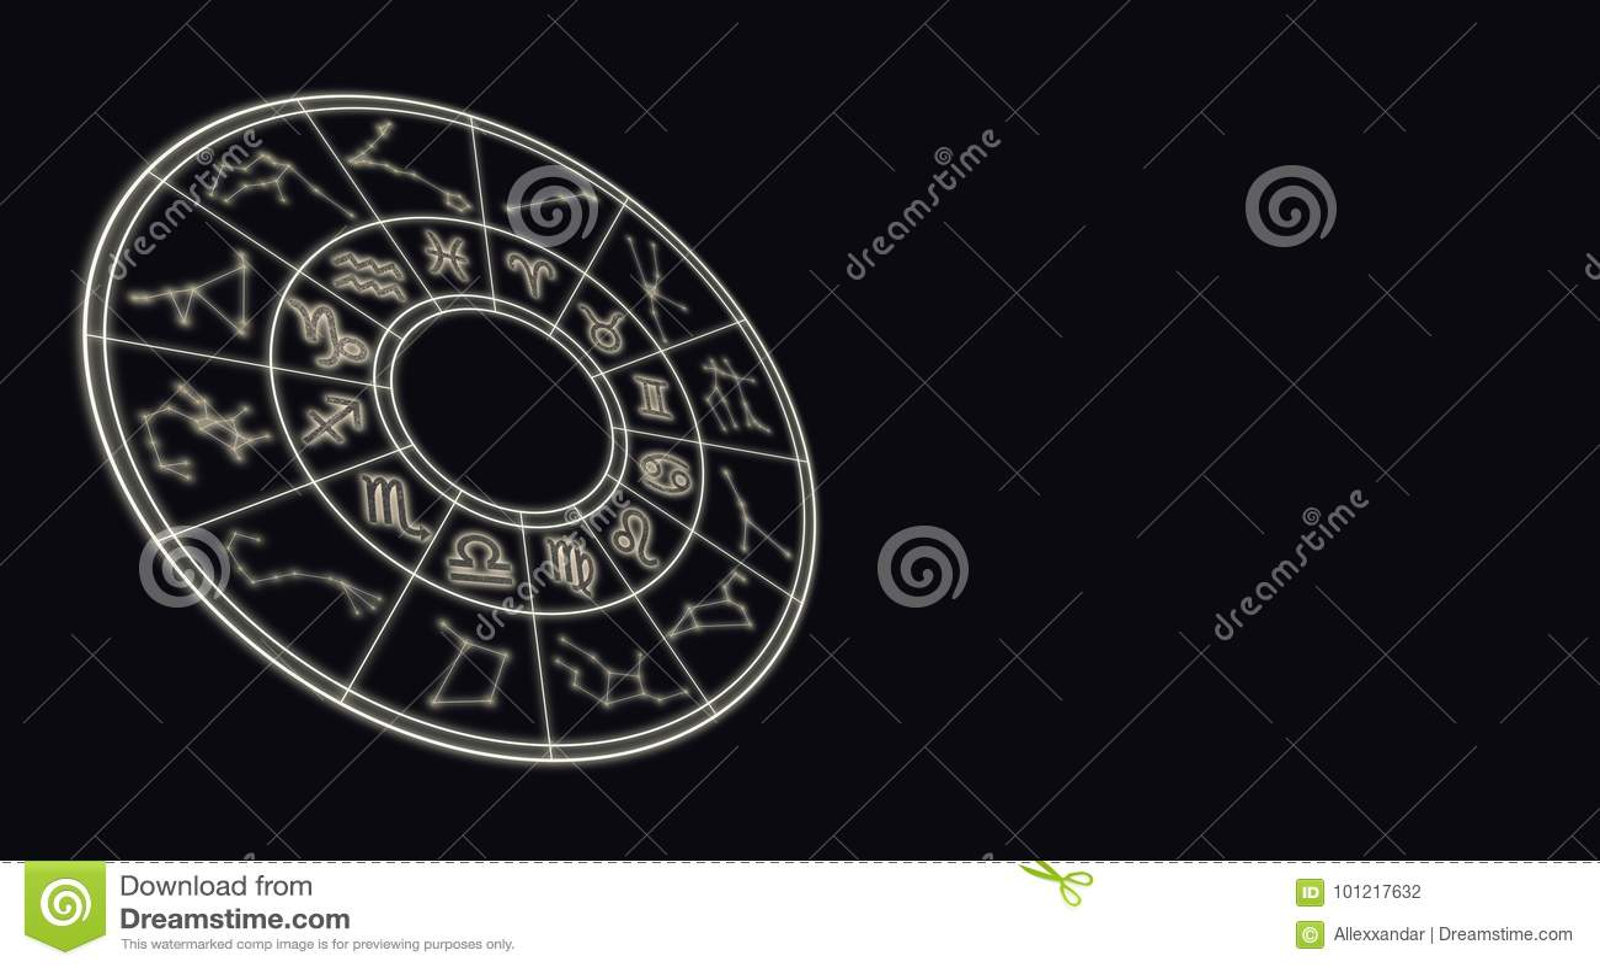 Concetto degli oroscopi e di astrologia Lo zodiaco astrologico firma dentro la c